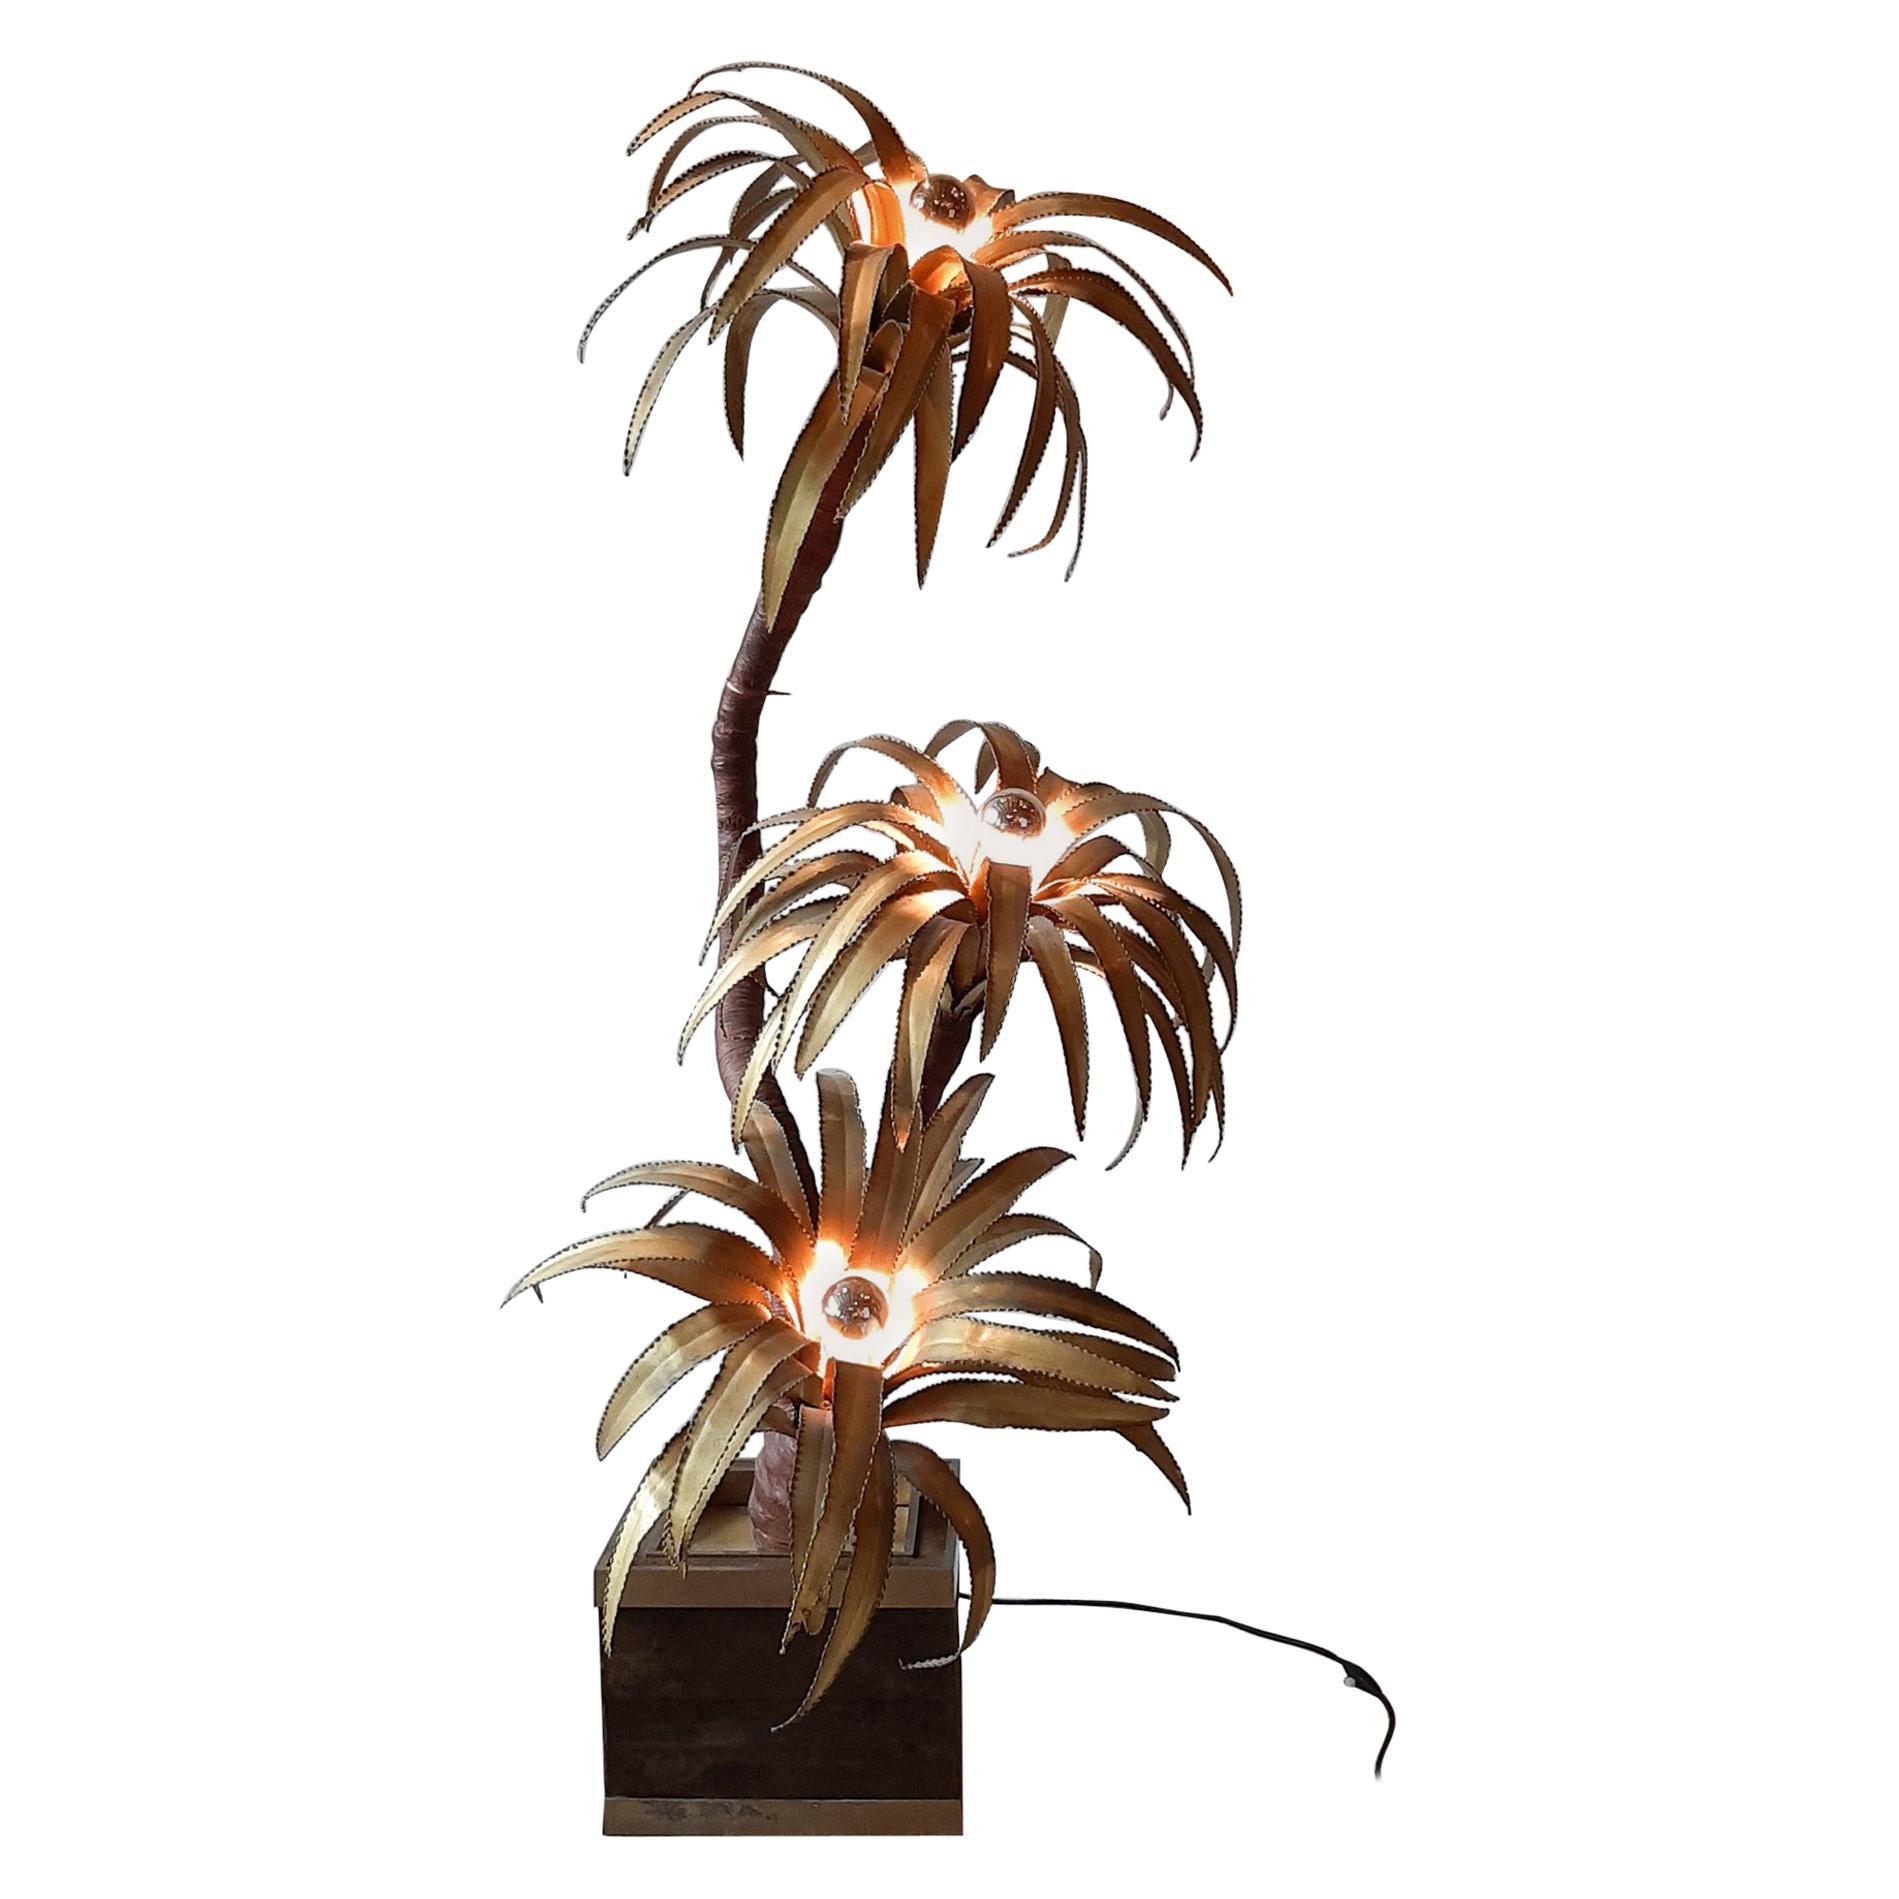 Midcentury Maison Jansen Palm Tree Lamp